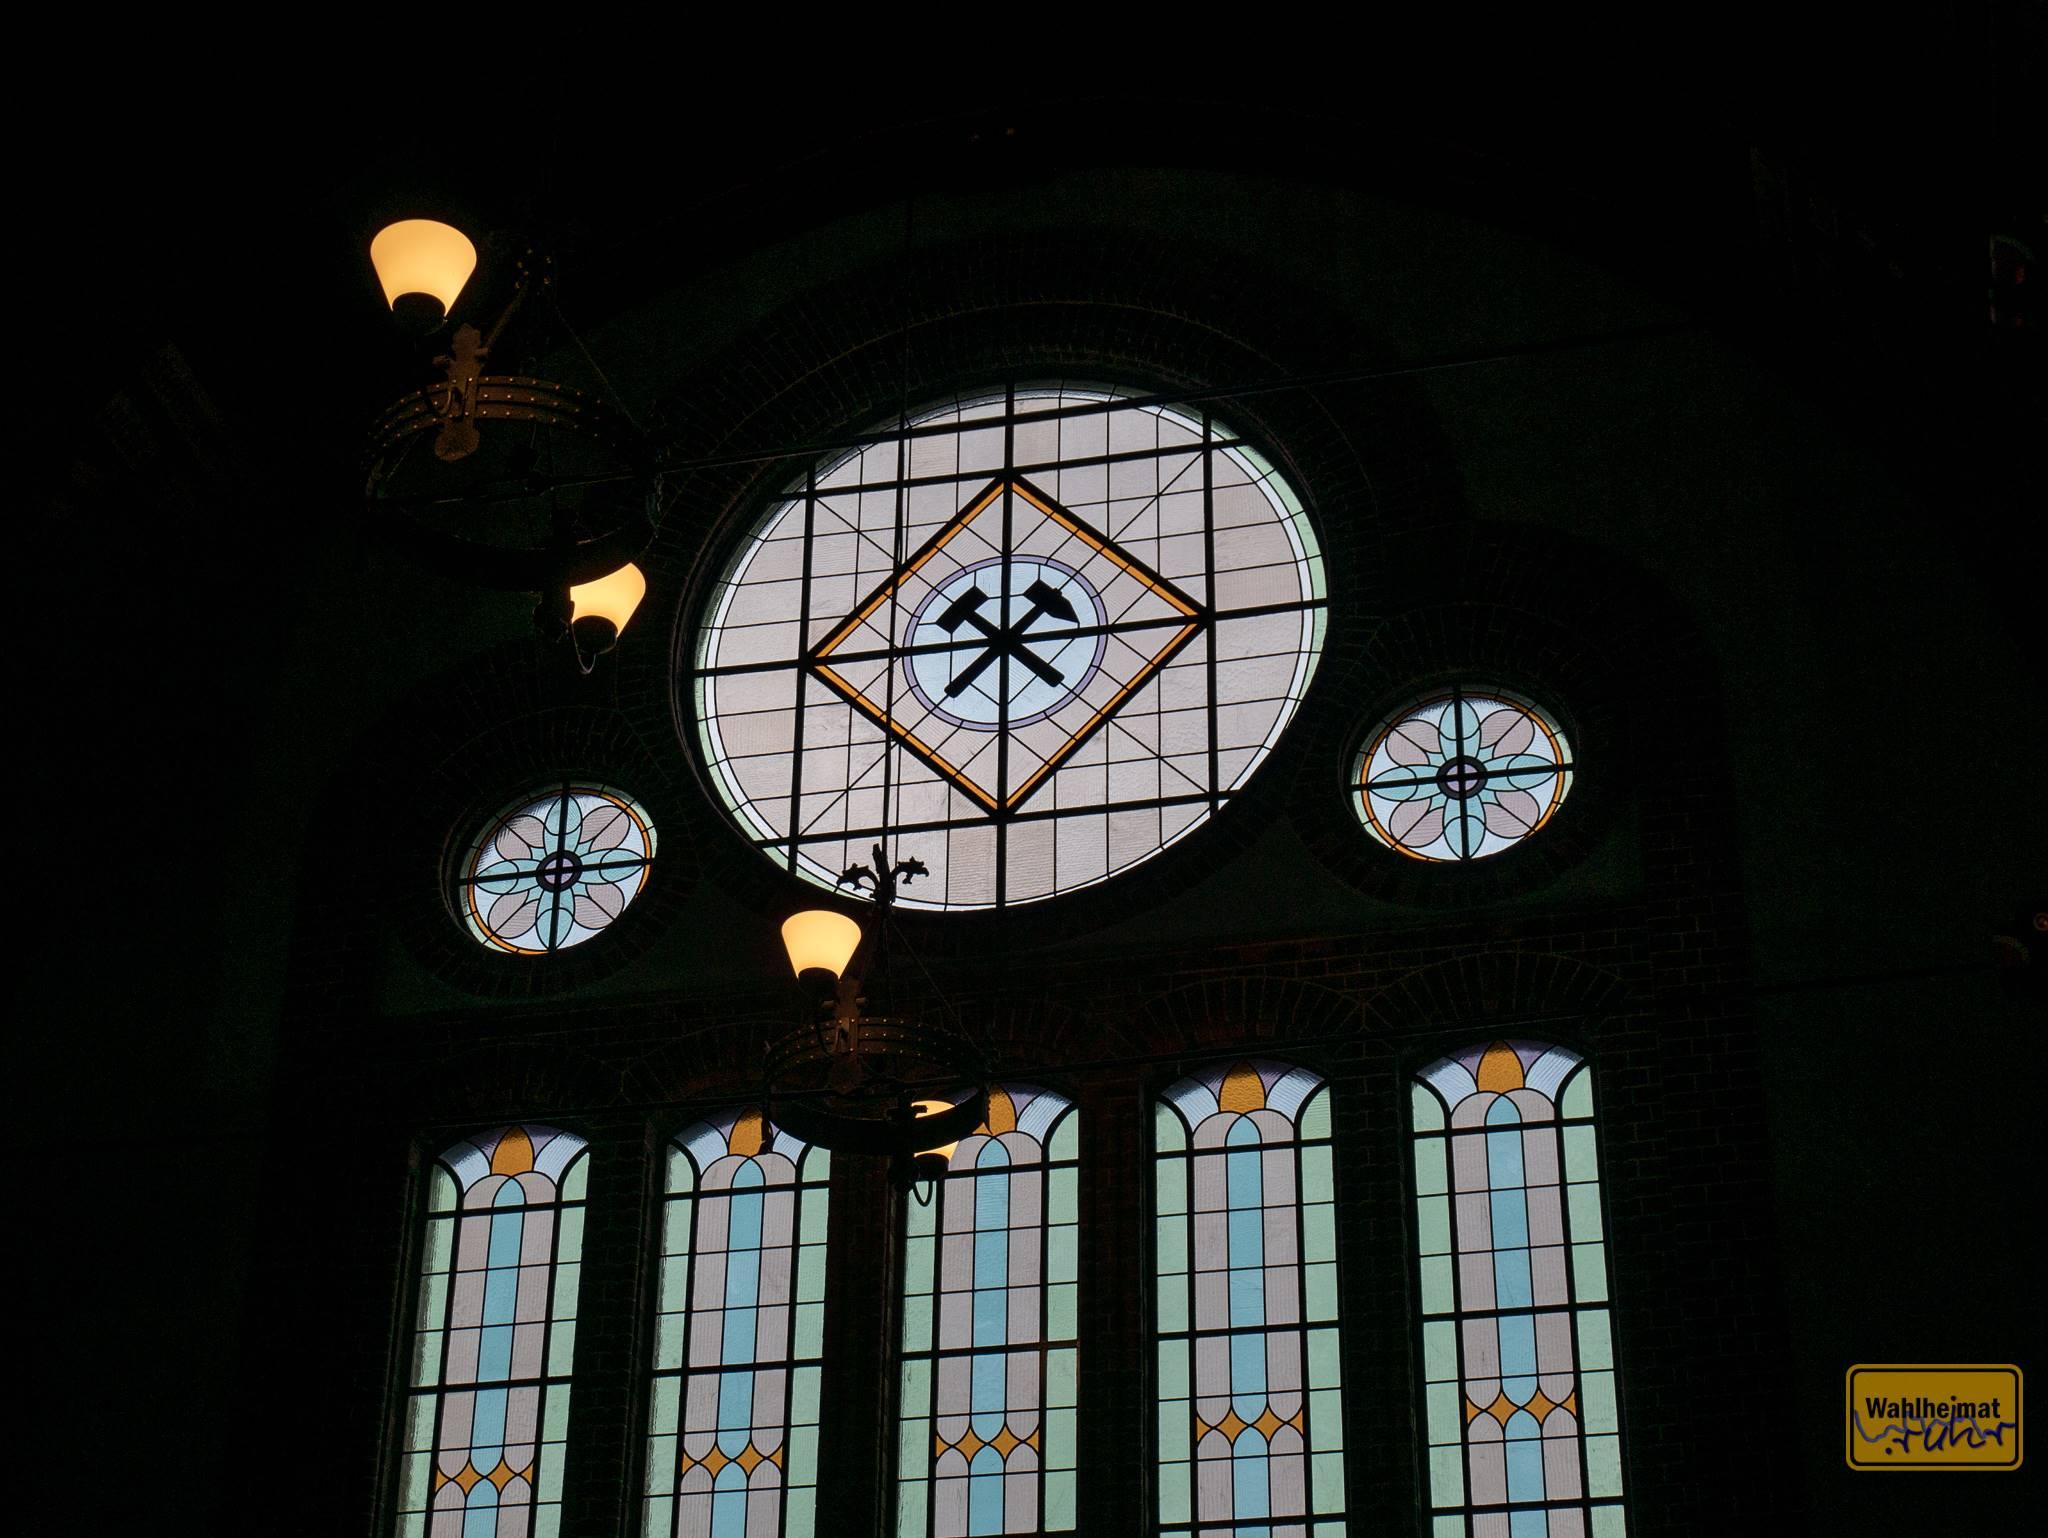 Schlägel und Eisen im Buntglasfenster - da geht mein Herz auf!